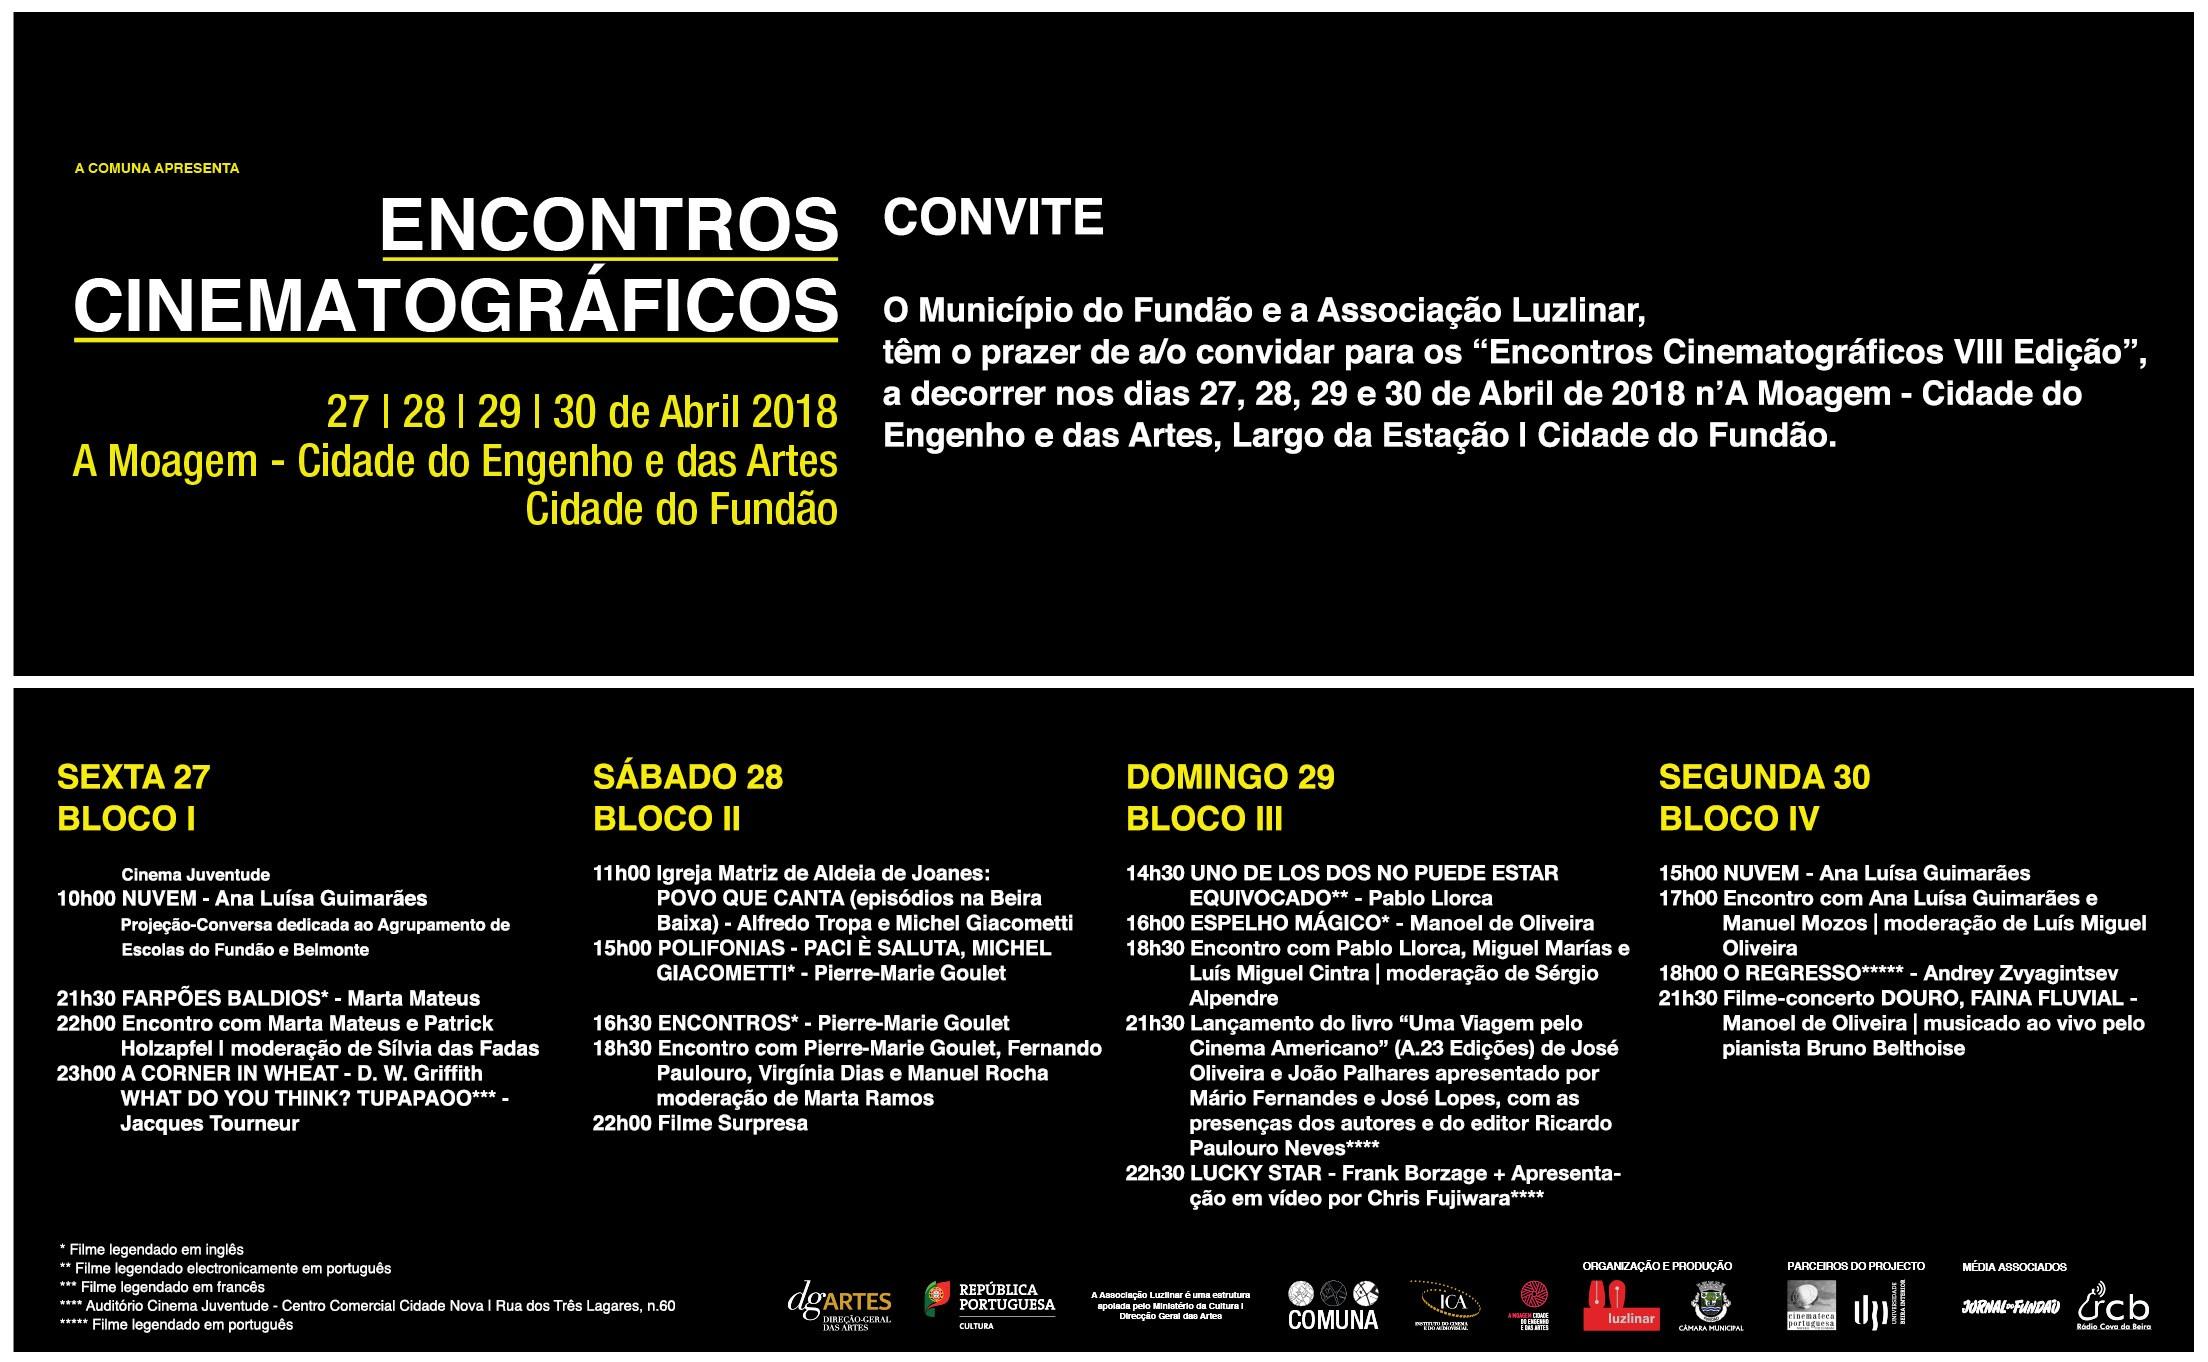 Convite Encontros Cinematográficos VIII Edição